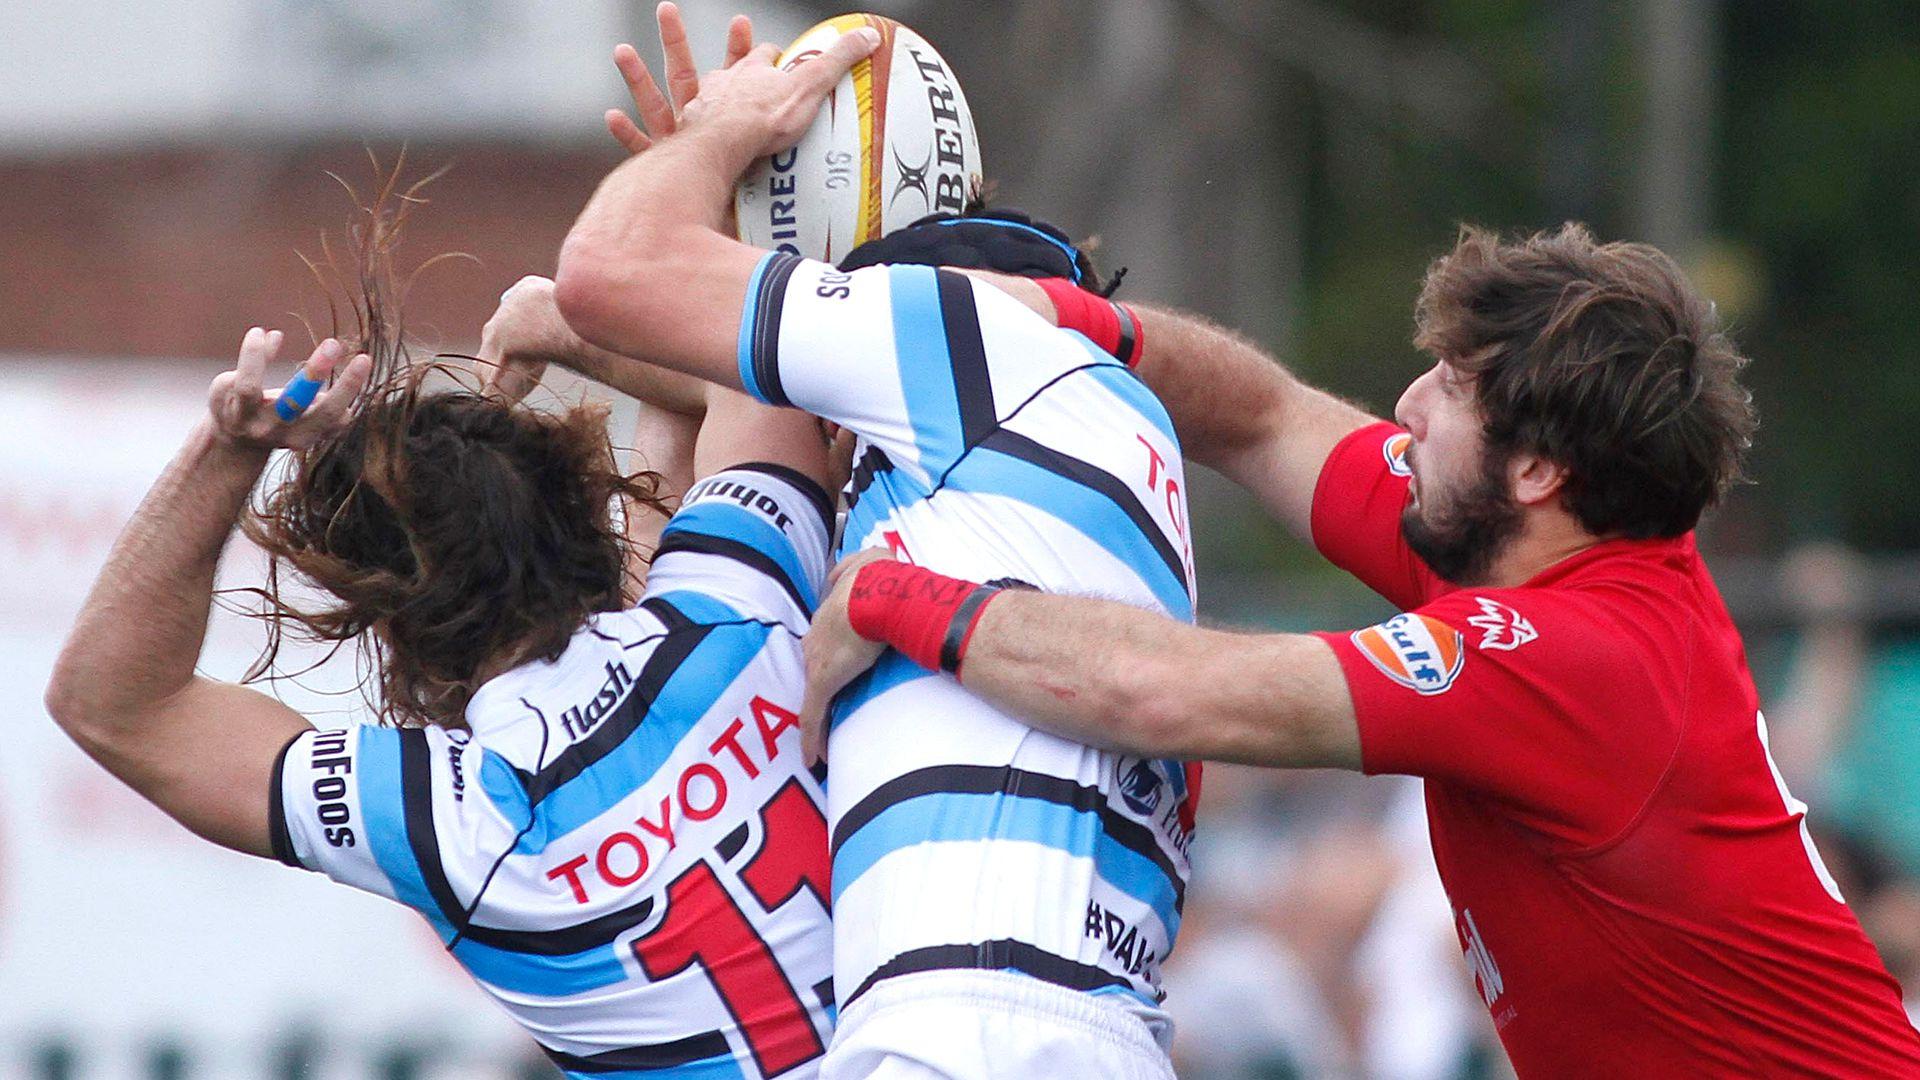 El rugby es un deporte que combina valores como el respeto, la integridad, la pasión, la solidaridad y la disciplina (Foto Baires)